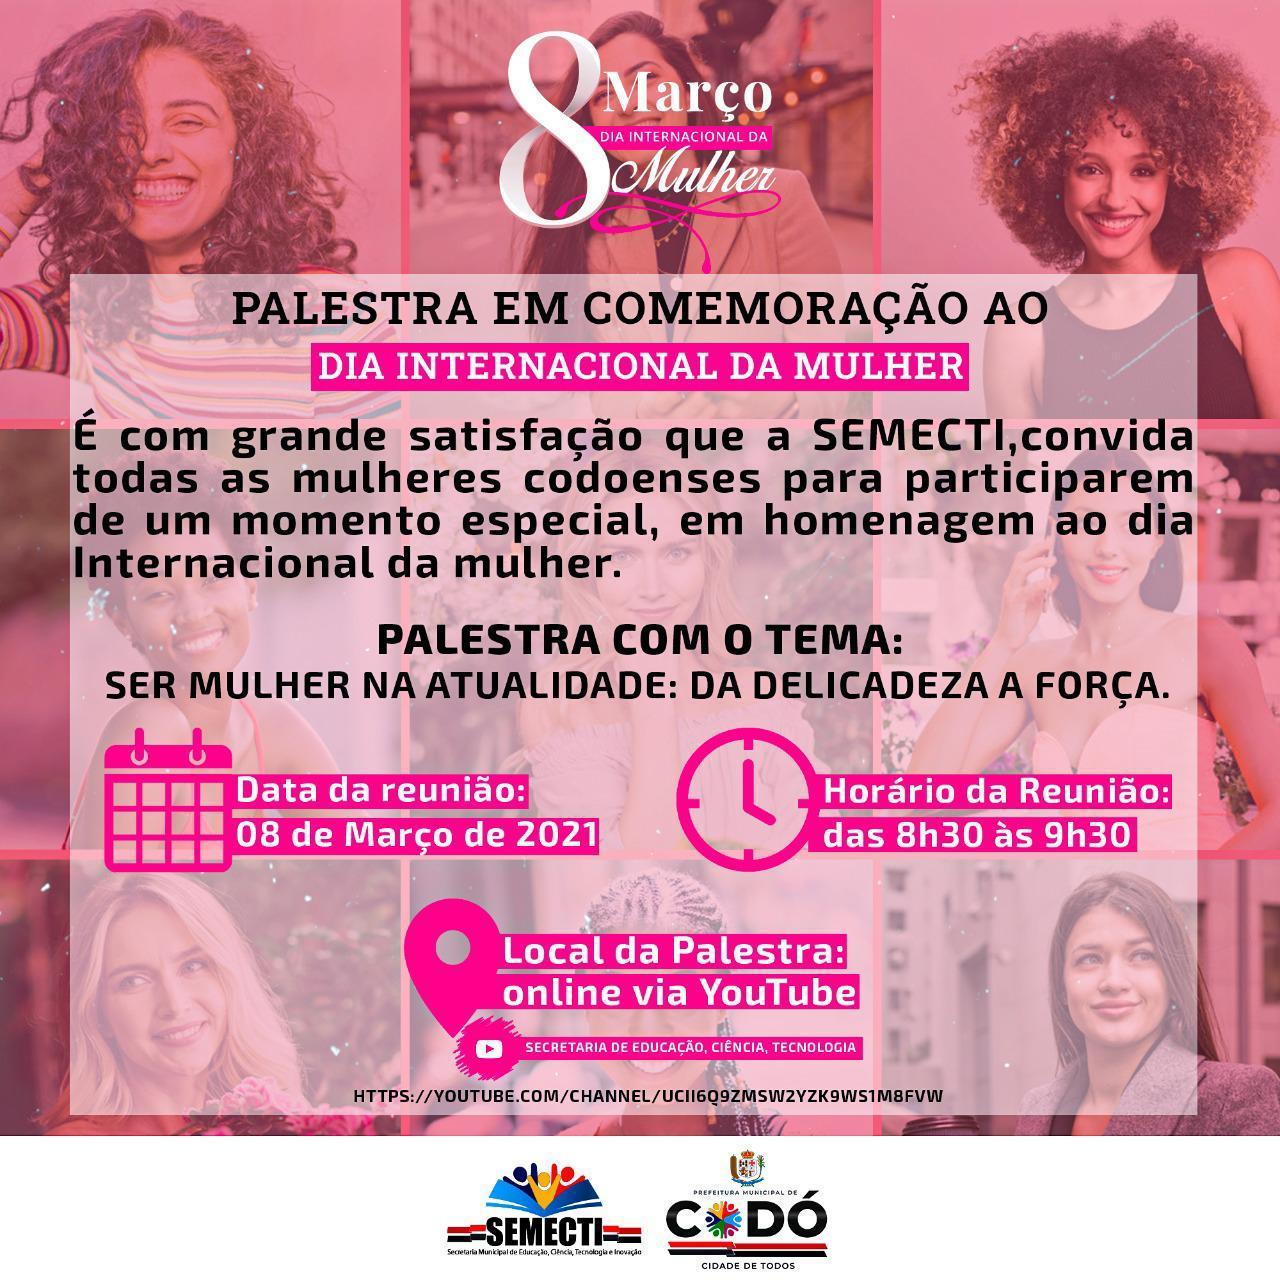 PALESTRA EM COMEMORAÇÃO AO DIA INTERNACIONAL DA MULHER.